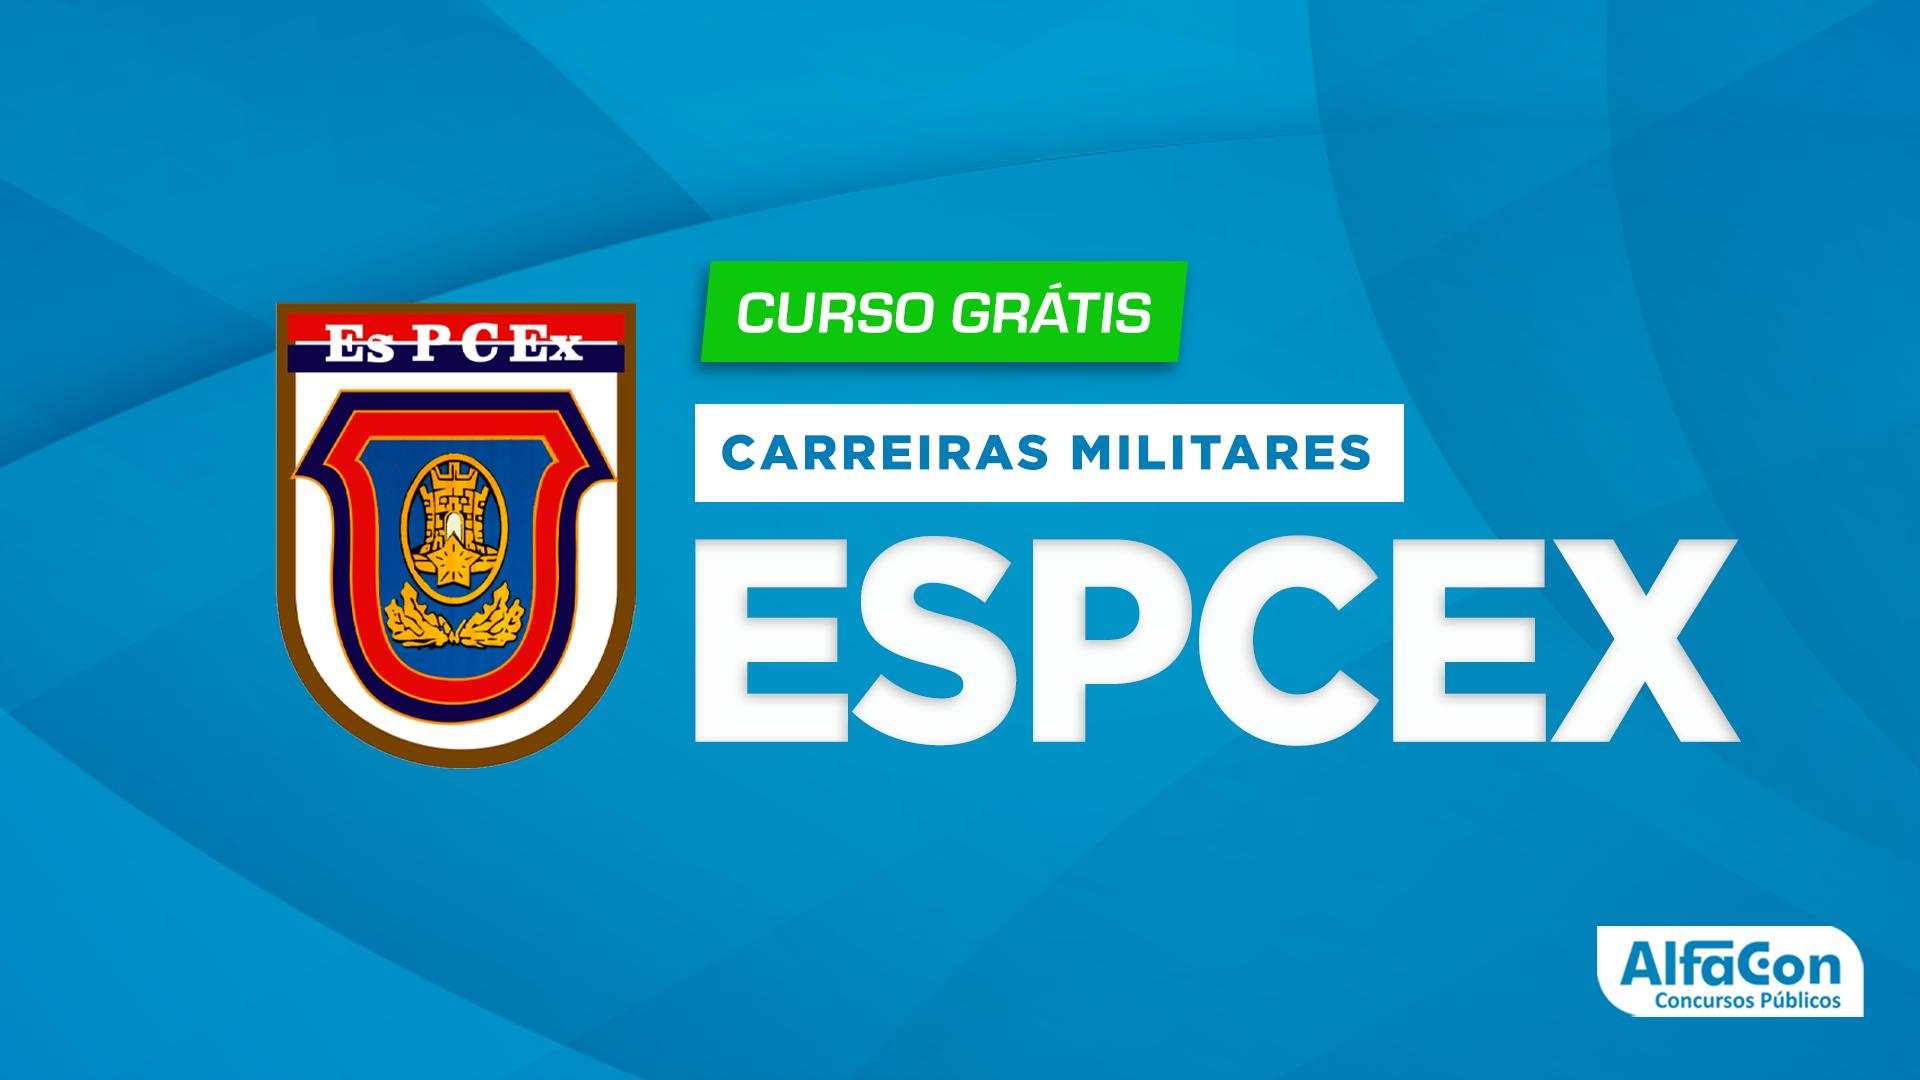 Preparatório para EsPCEx (Escola Preparatória de Cadetes do Exército) - Free